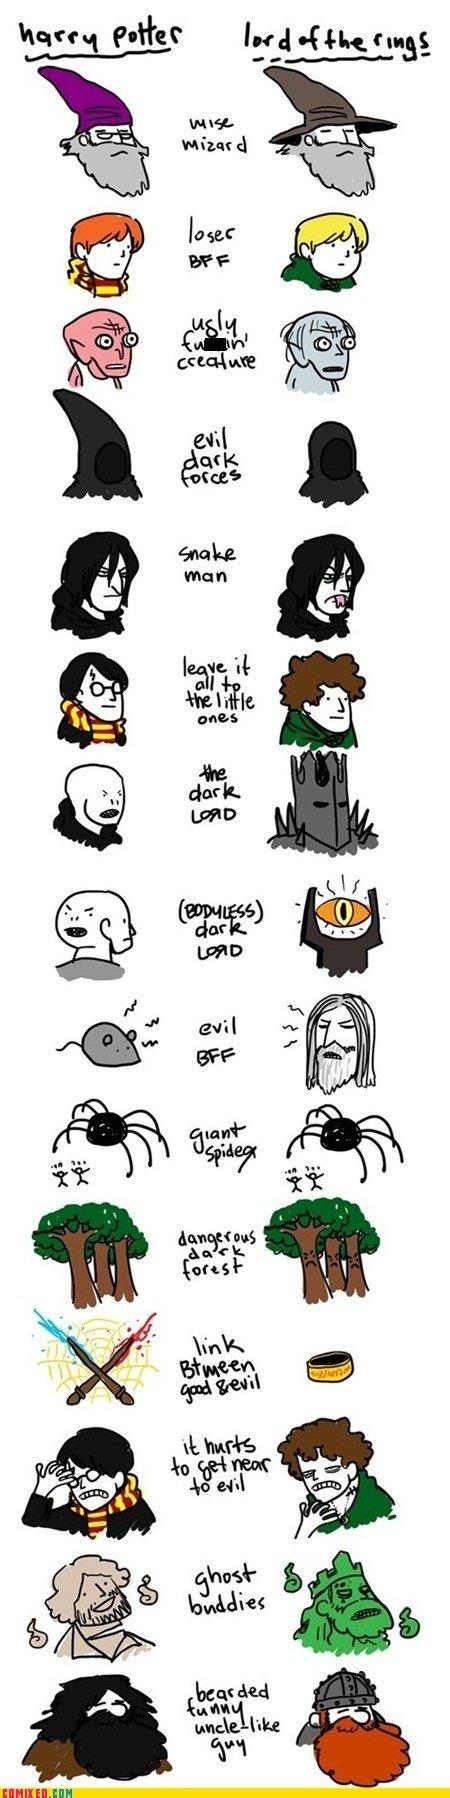 ,,,. .. Loser best friend? D: Sam >>> Frodo  Loser best friend? D: Sam >>> Frodo